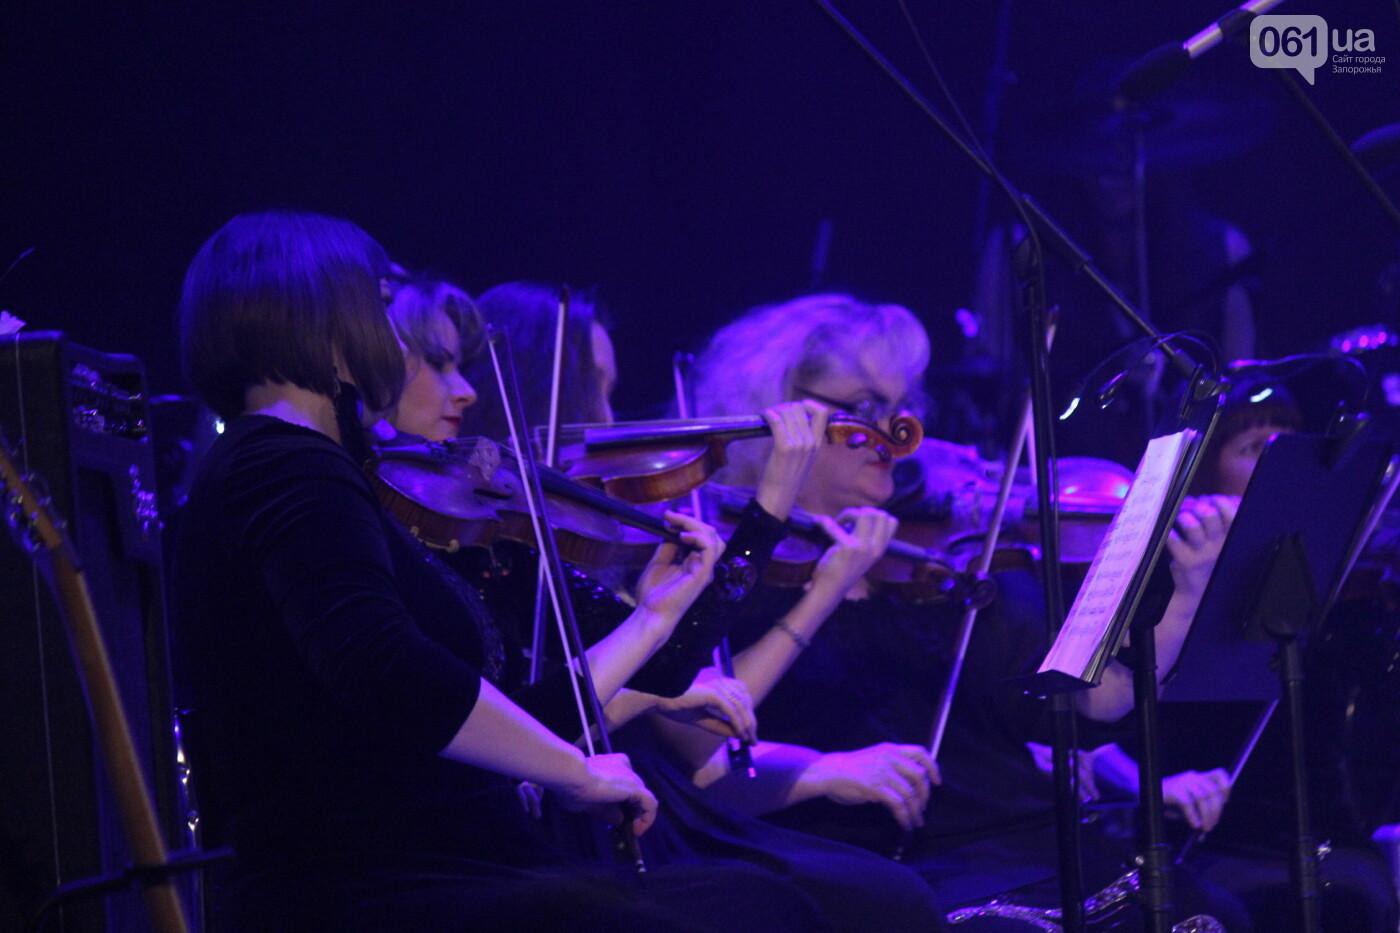 Тяжелый рок в симфоническом звучании: каким было Hard Rock Show в Запорожье, – ФОТОРЕПОРТАЖ, фото-25